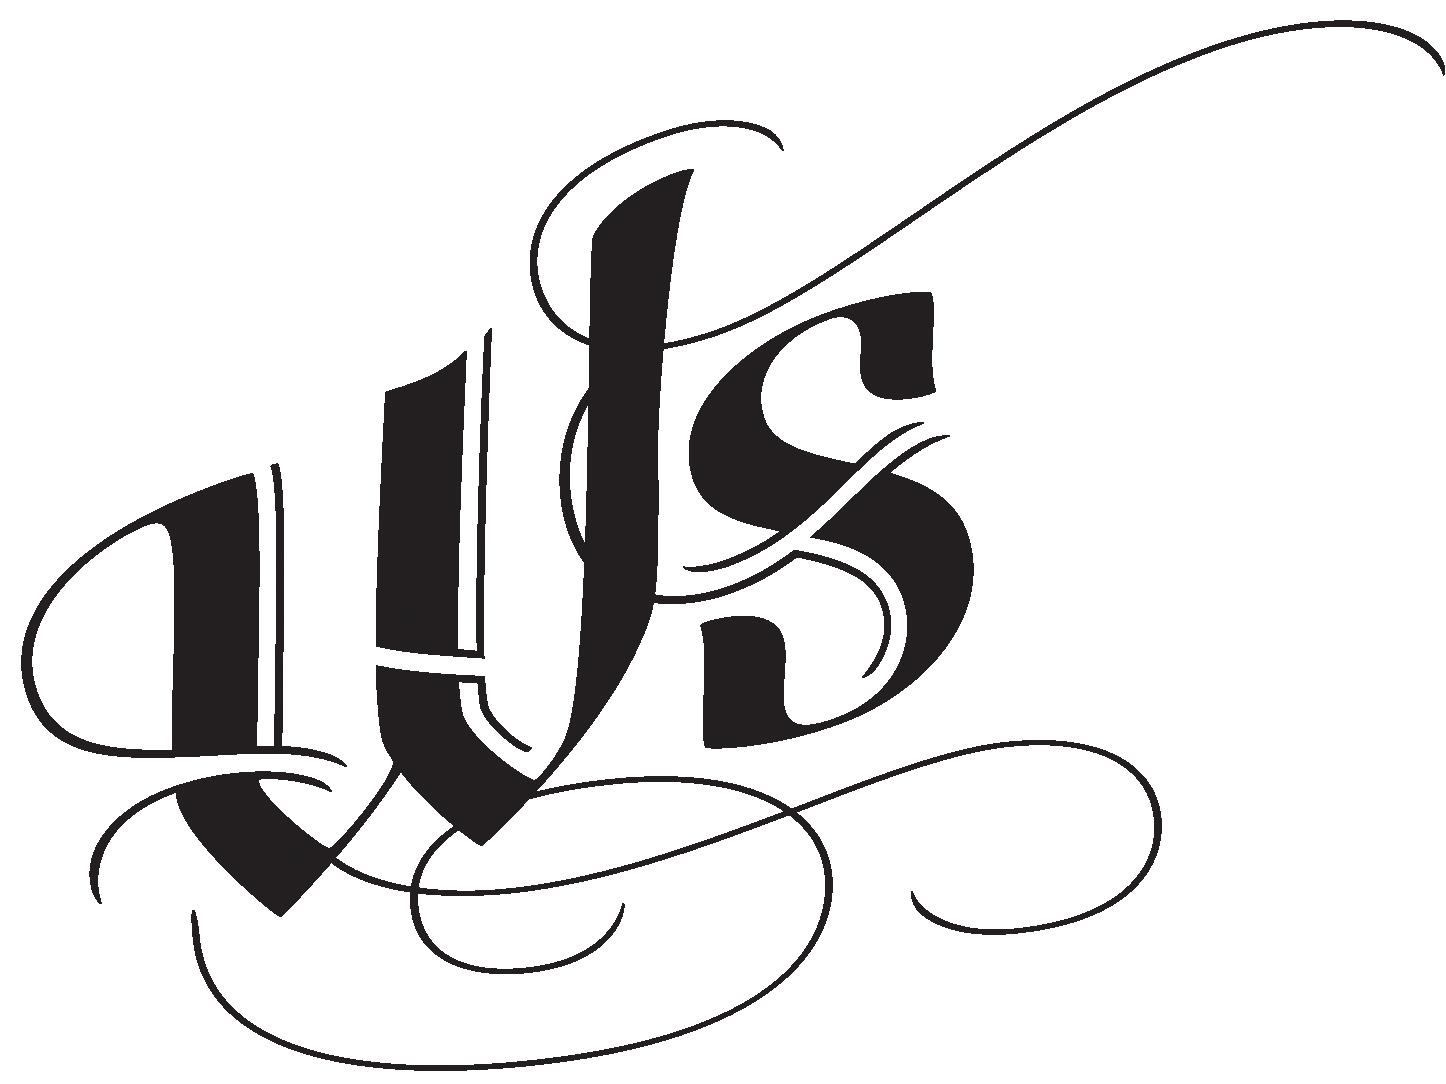 Ws logo png 3 » PNG Image.